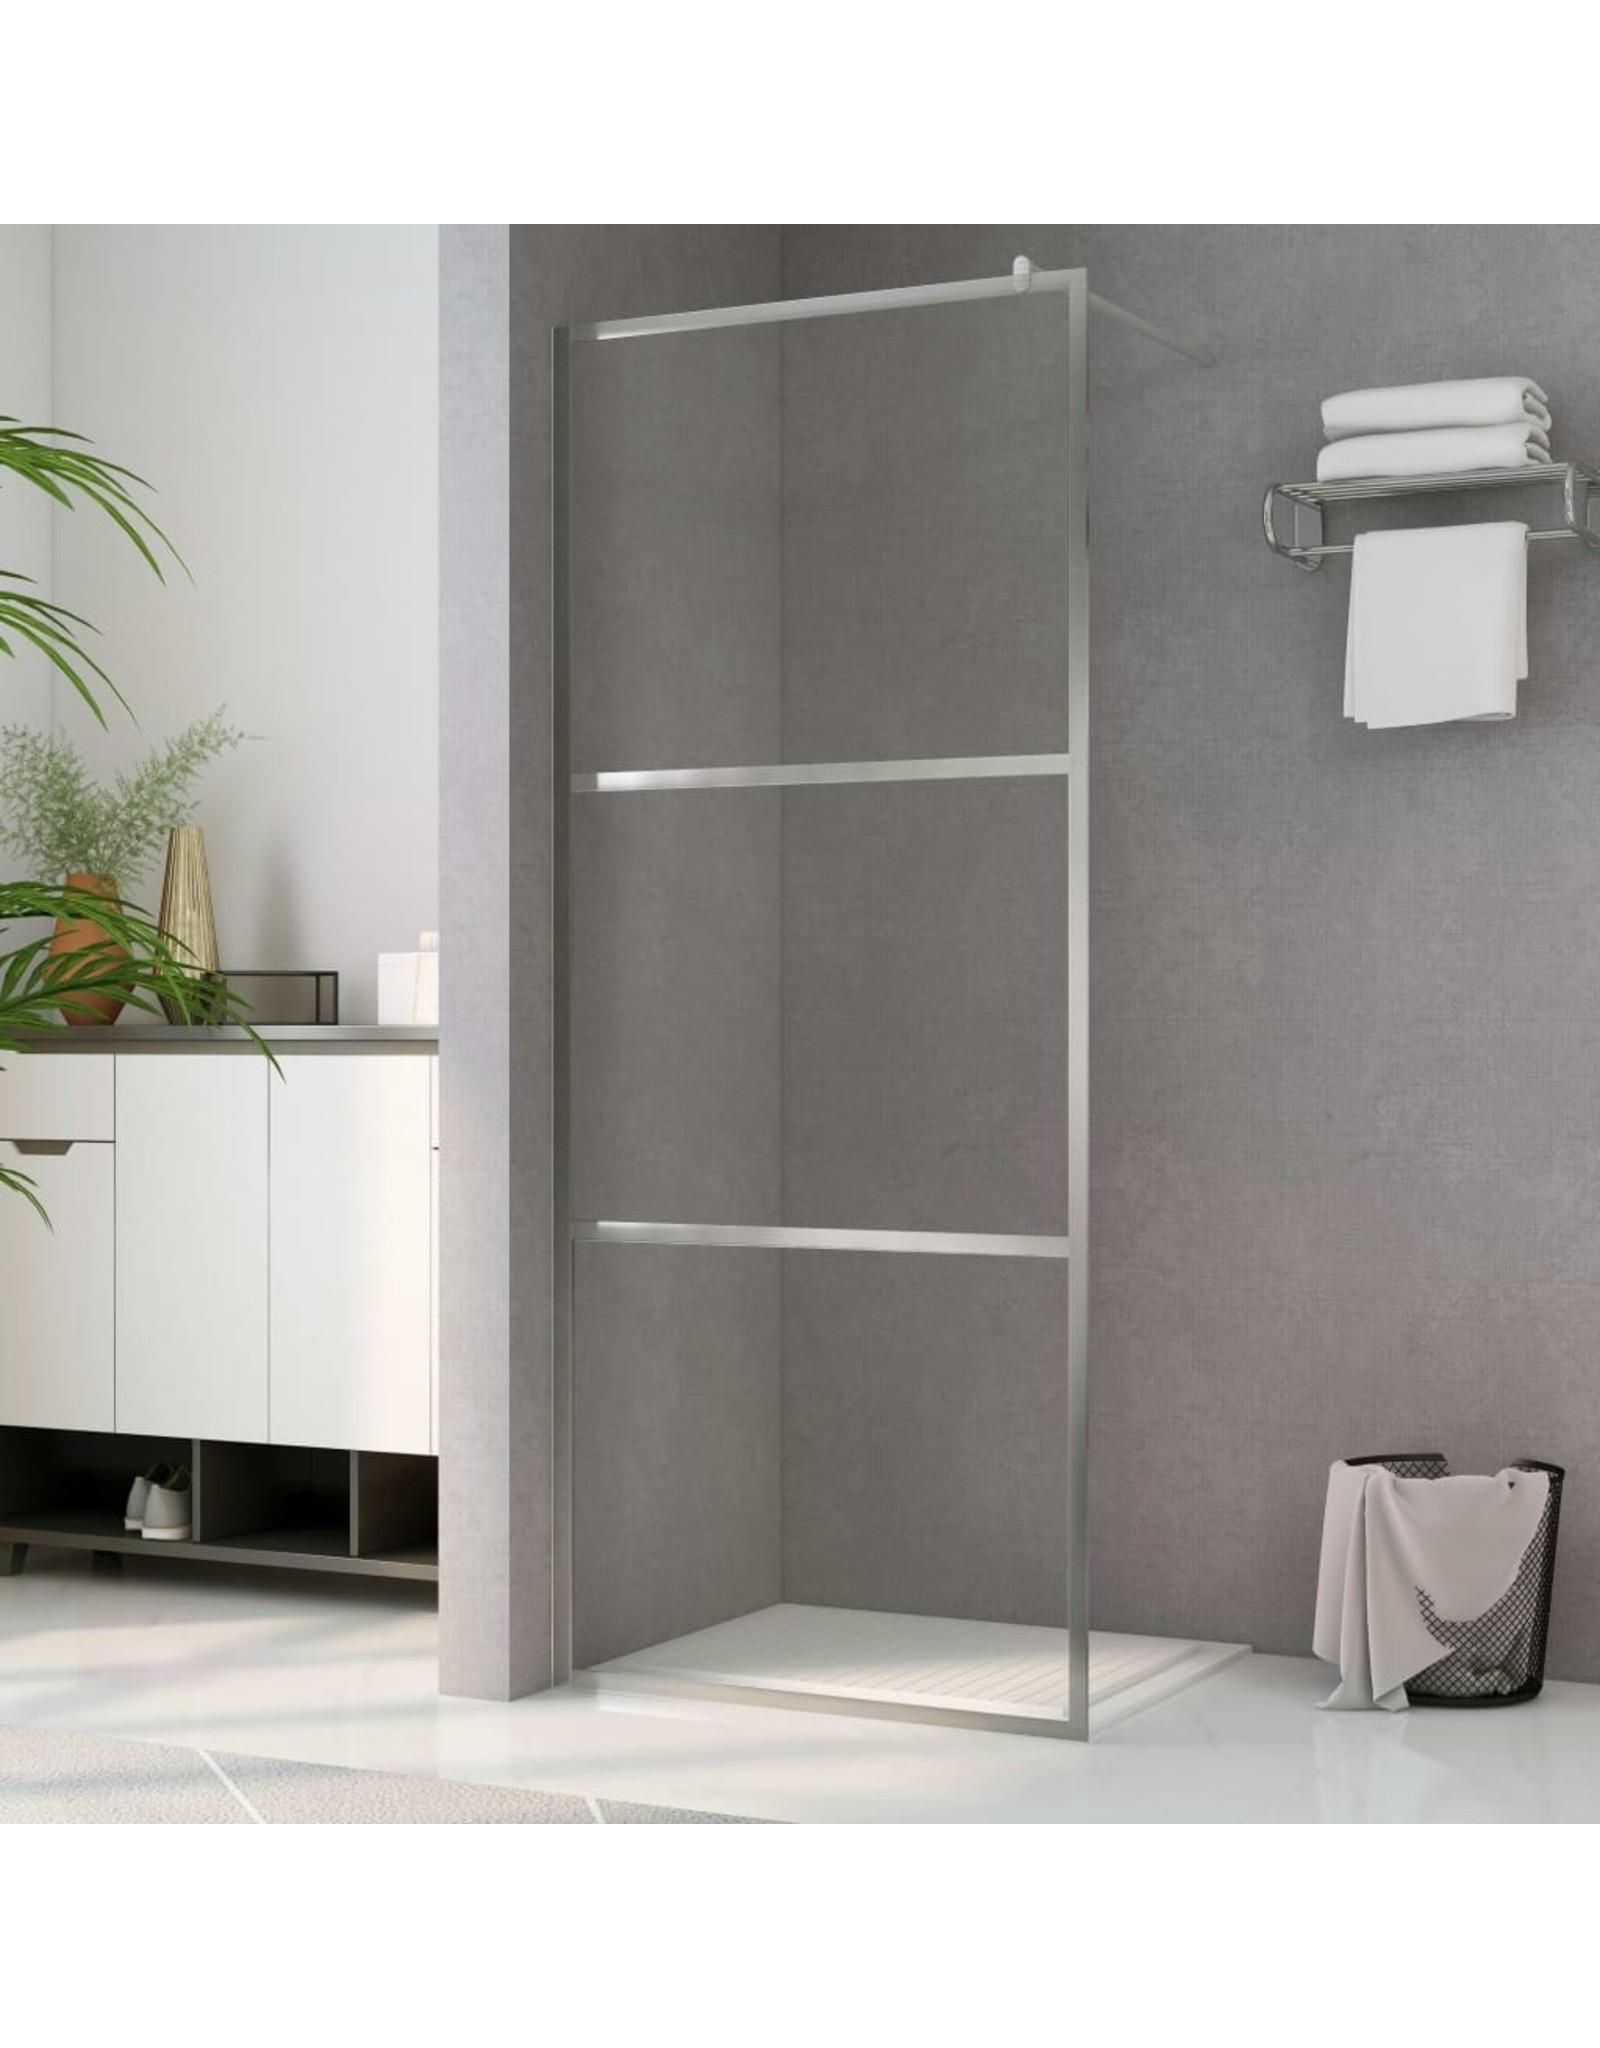 Inloopdouchewand transparant 100x195 cm ESG-glas